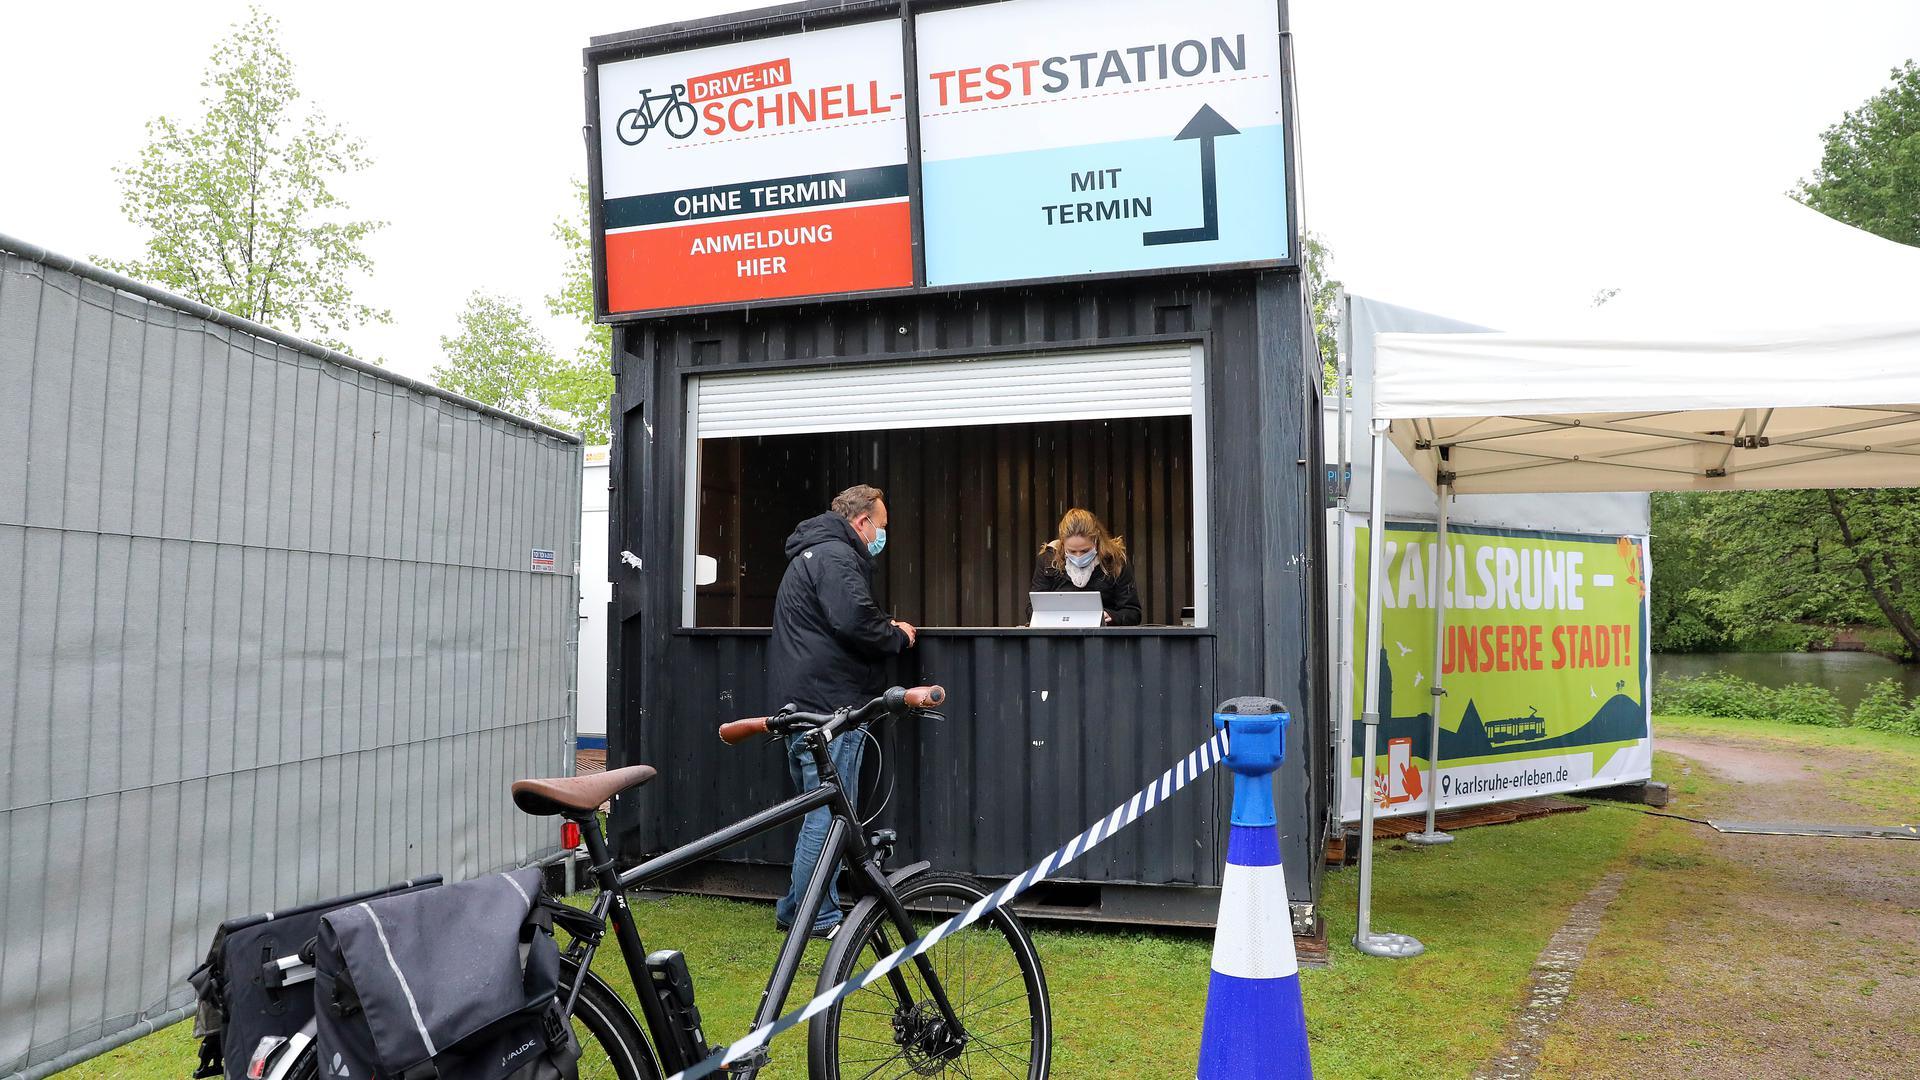 Test-Zwischenstopp: In der Günther-Klotz-Anlage hat am Dienstag ein Drive-In eröffnet - nicht nur Radler kriegen hier jetzt einen Corona-Schnelltest.